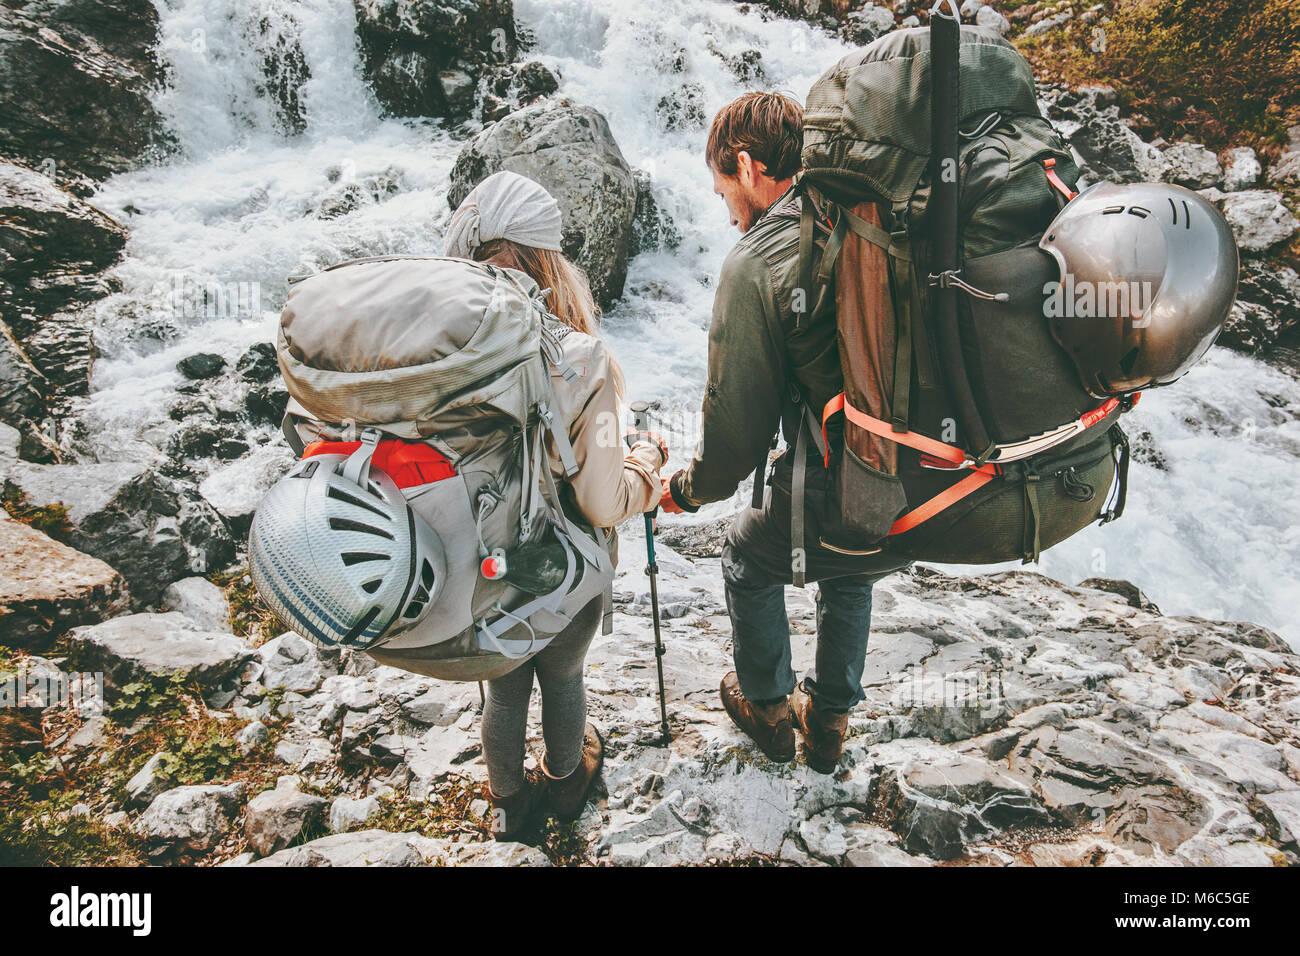 Deux amis routards randonnées en montagne à fleuve amour et vie voyage wanderlust concept vacances d'aventure Photo Stock